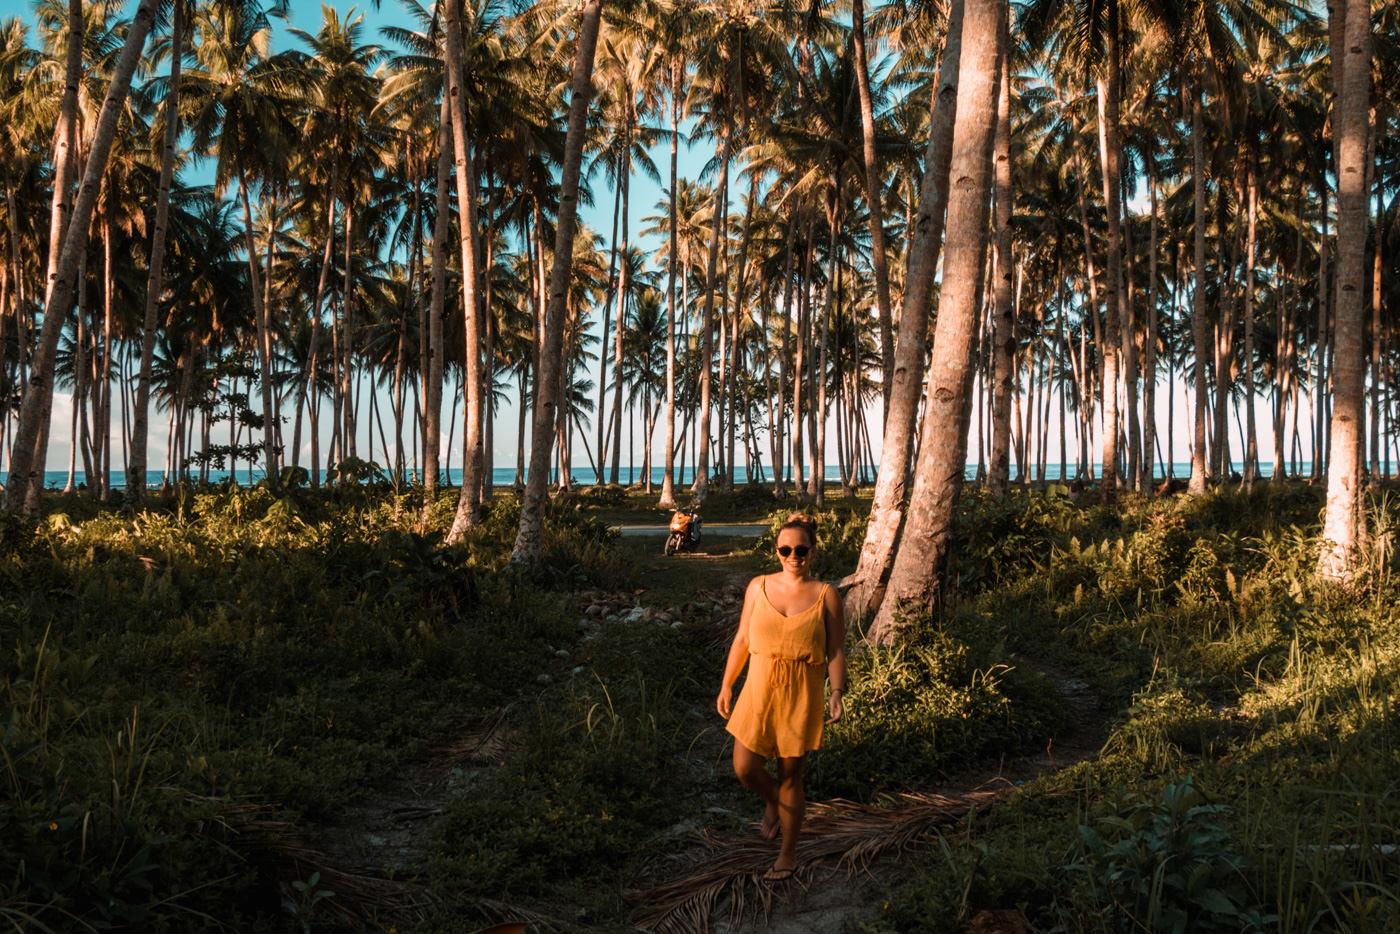 Julia im Palmenwald auf Siargao